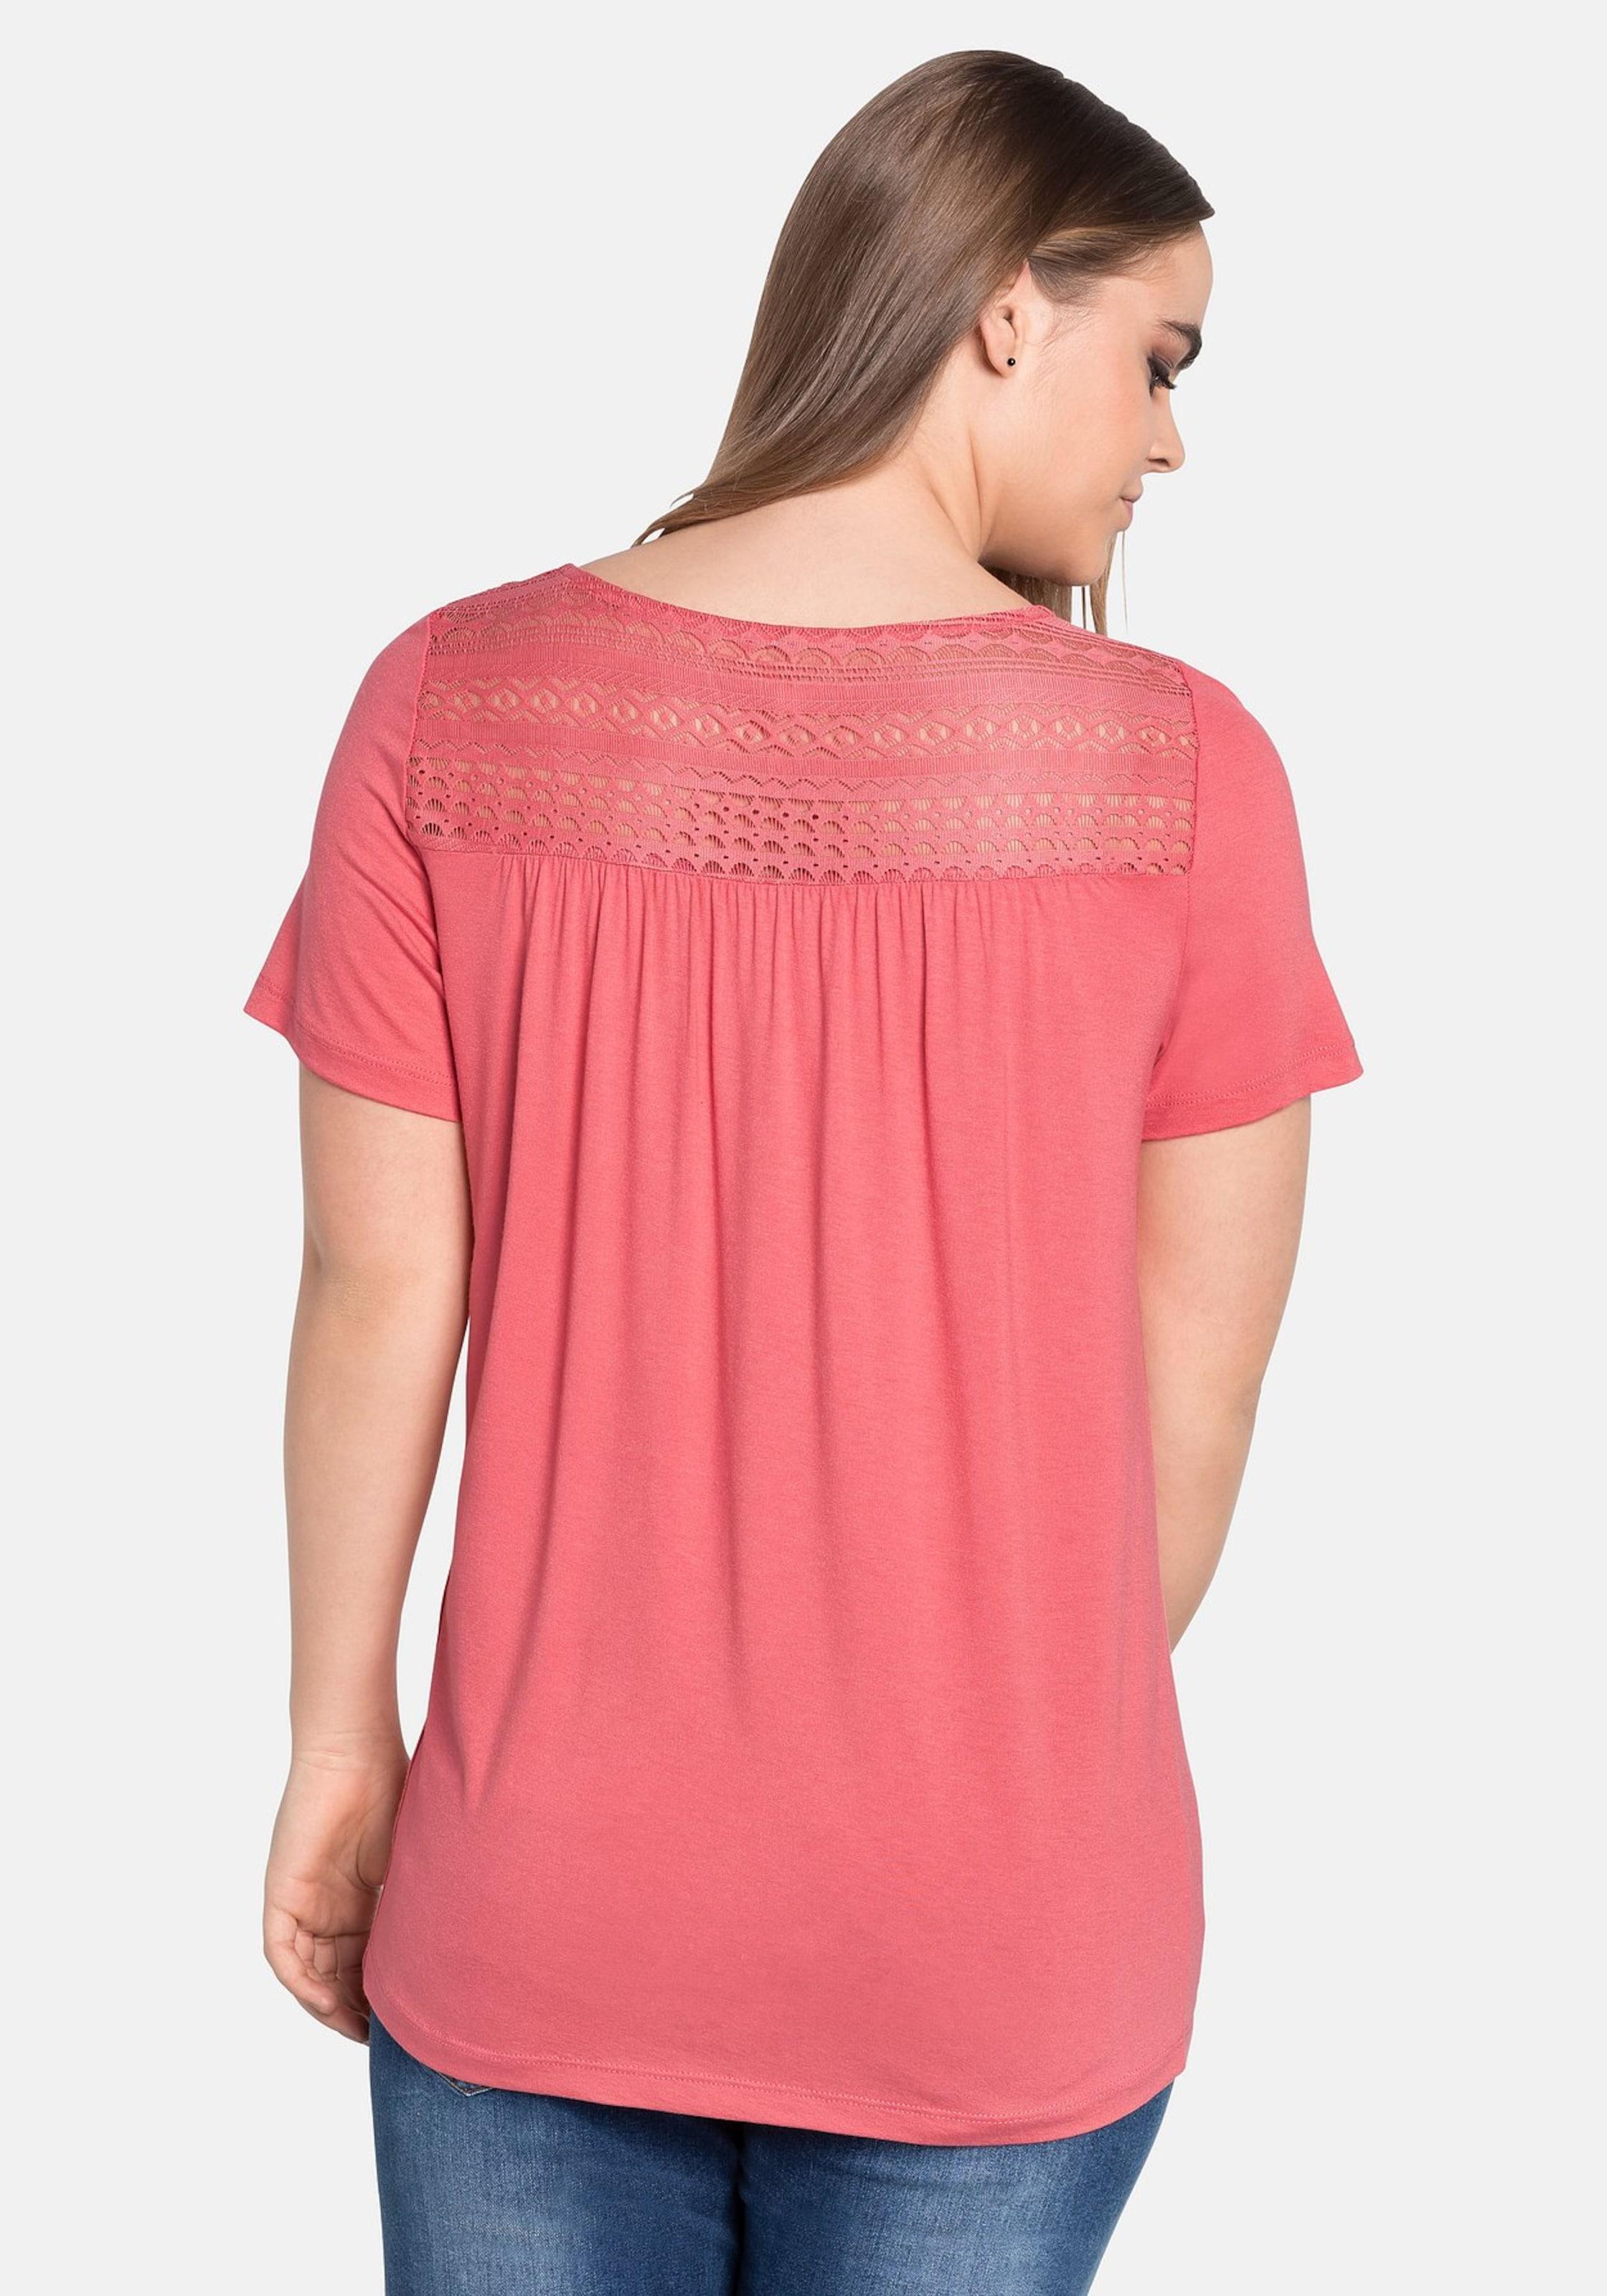 Sheego Rosé In T shirt In shirt Sheego T n0NOvm8w